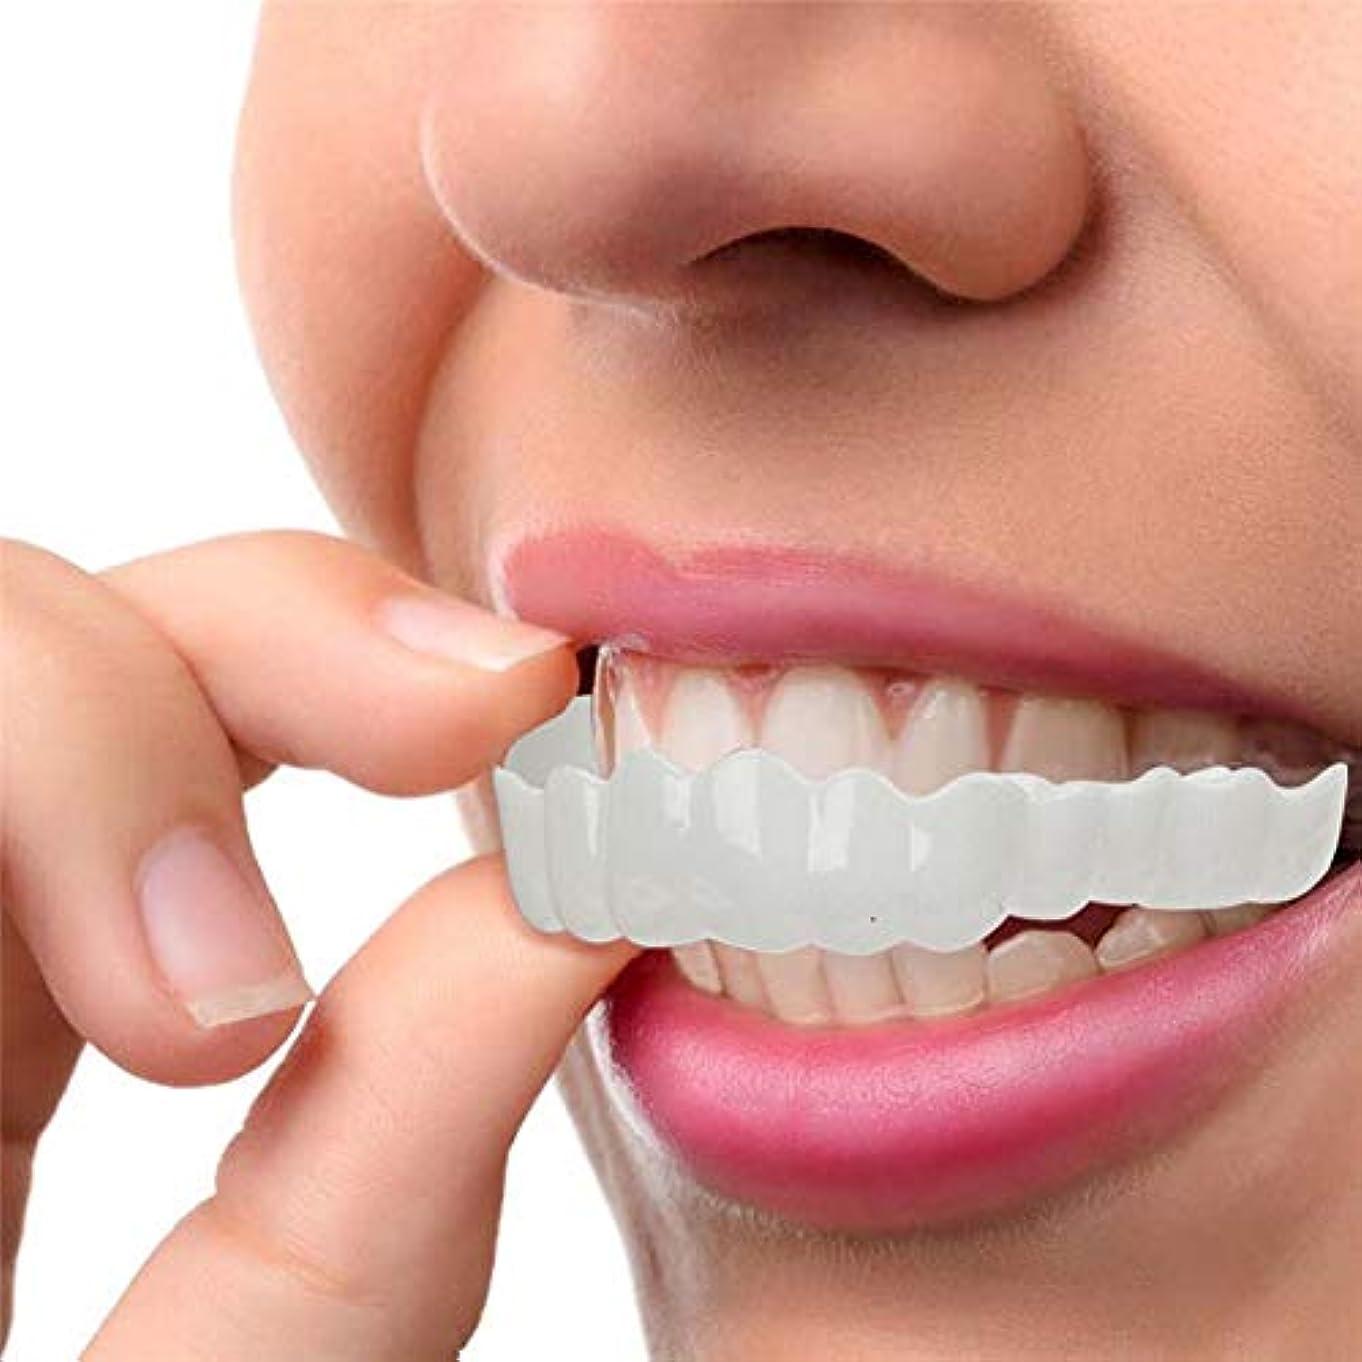 ぐるぐる倫理的休日に2セット、白い歯をきれいにするためのコンフォートフィットフレックス歯ソケット、化粧品の歯、スーパーコンフォート、コンフォートフィット